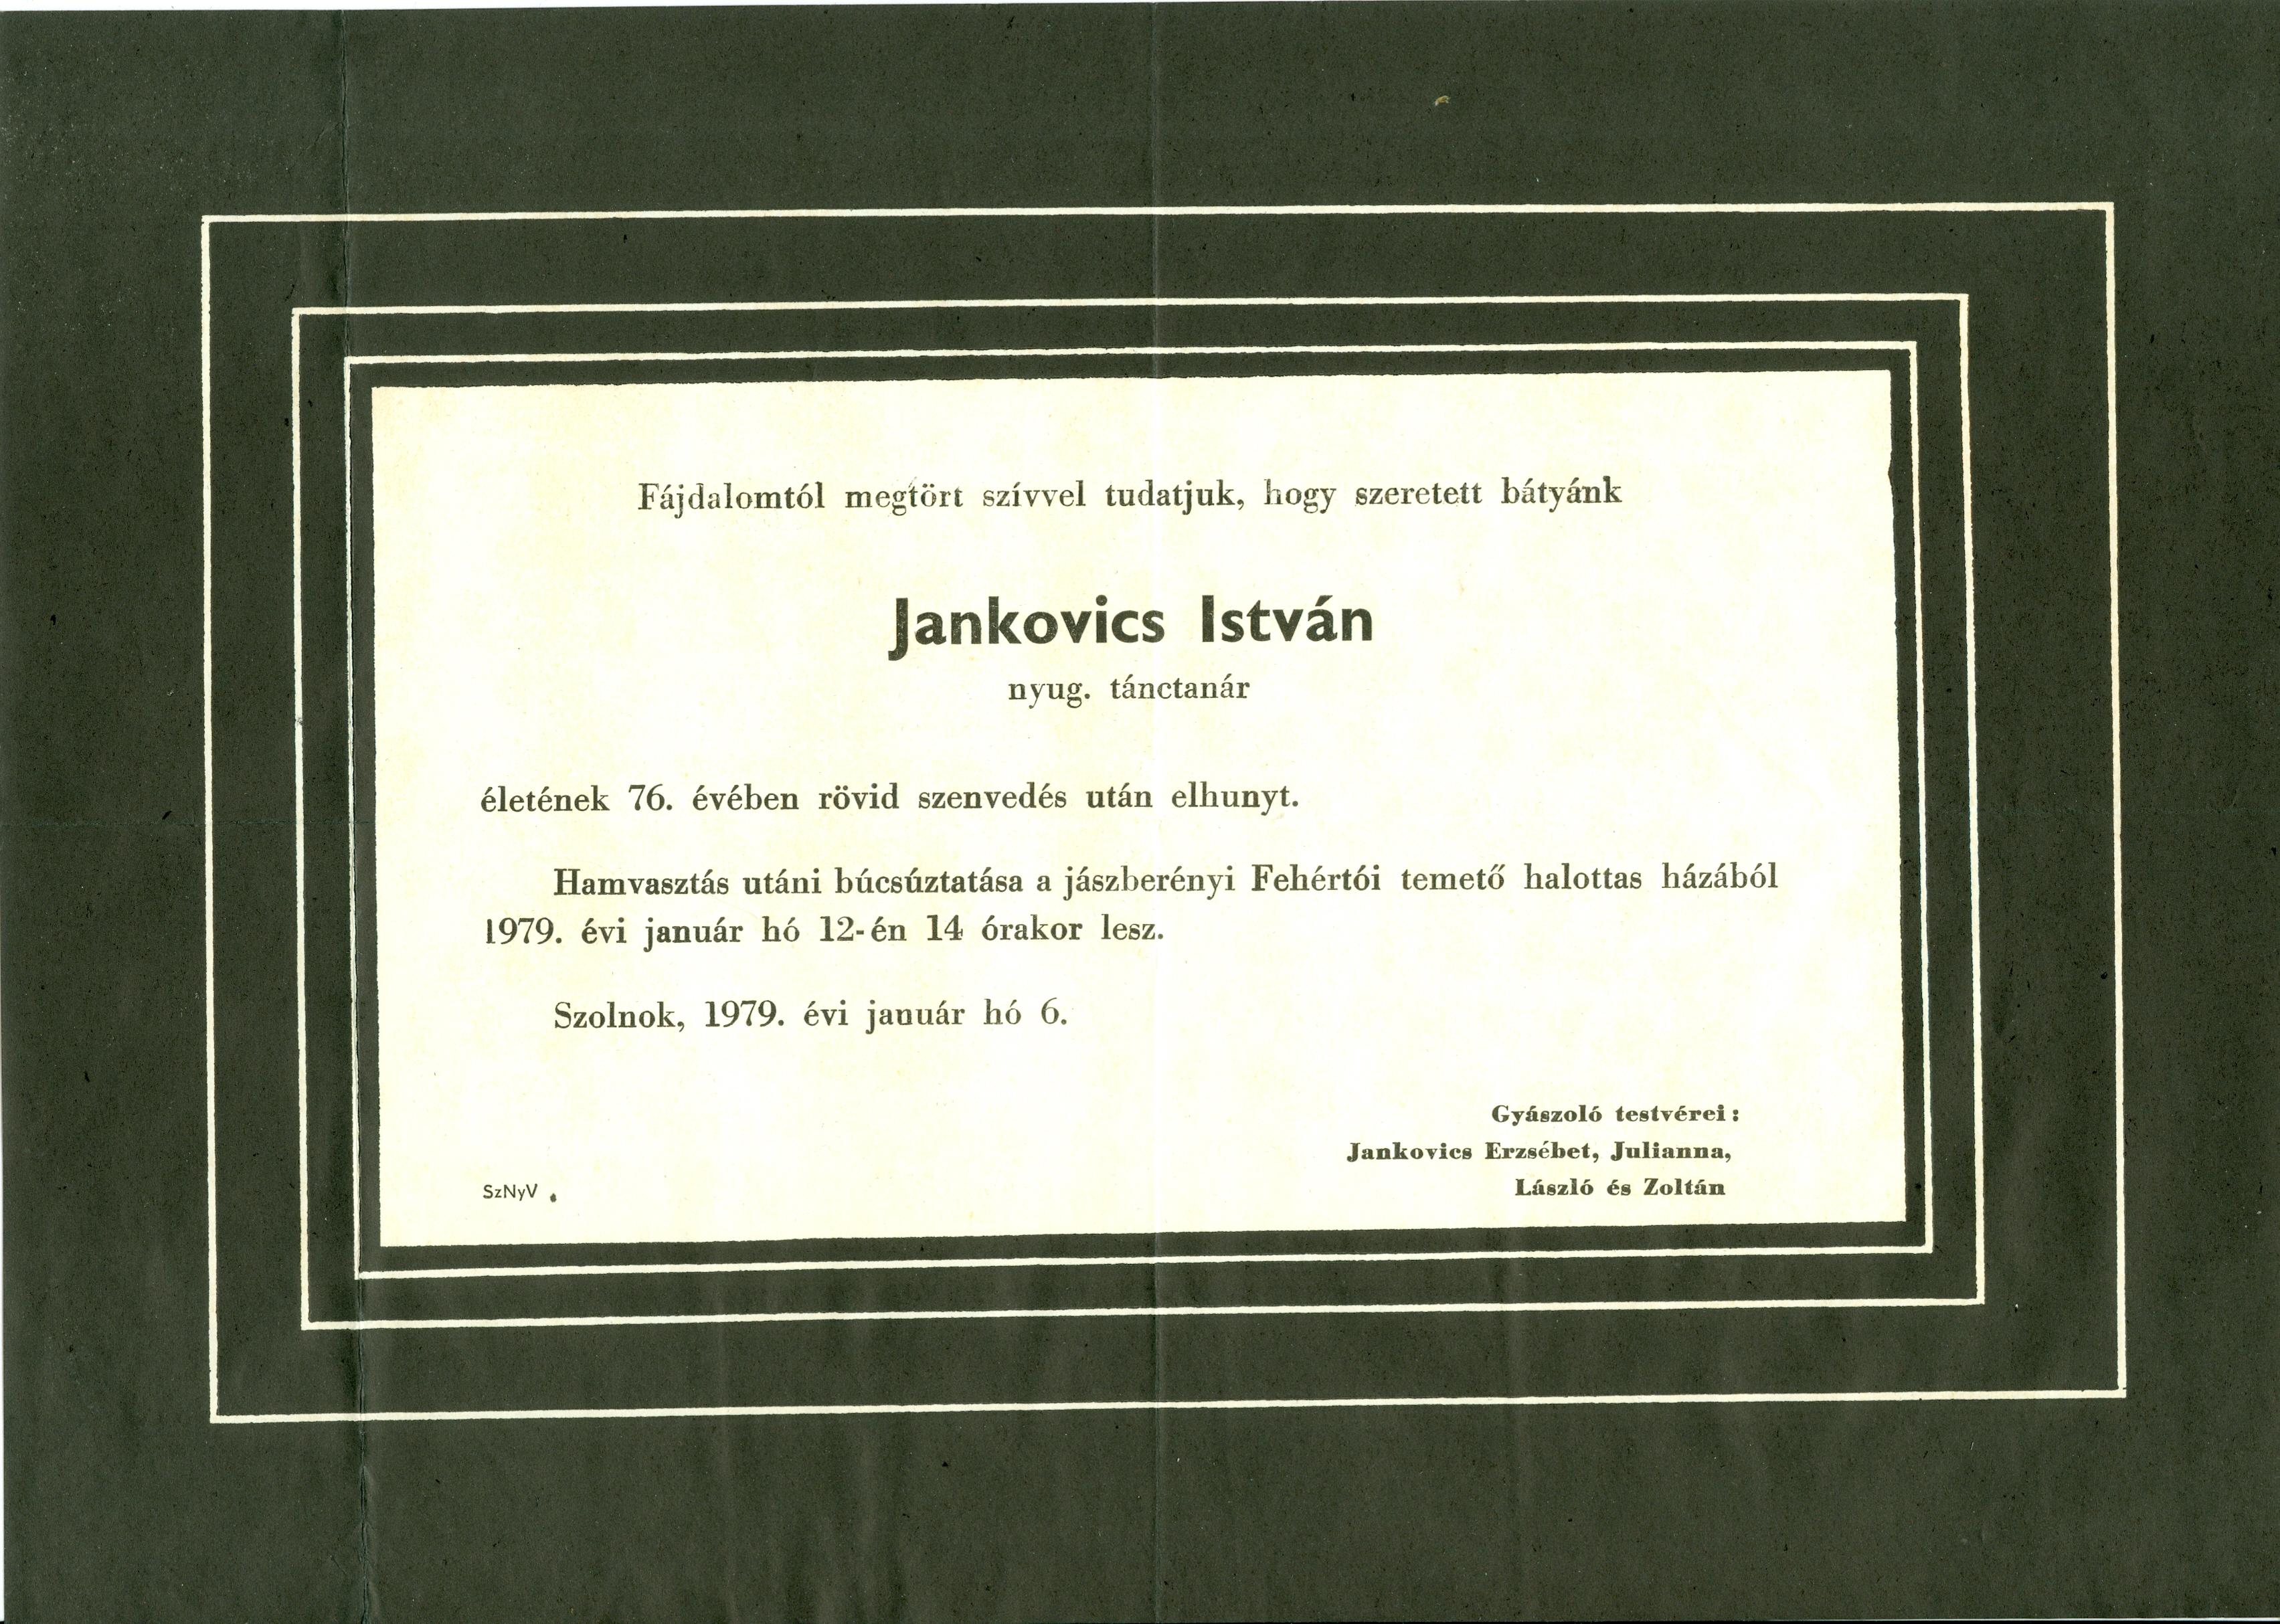 Jankovics István